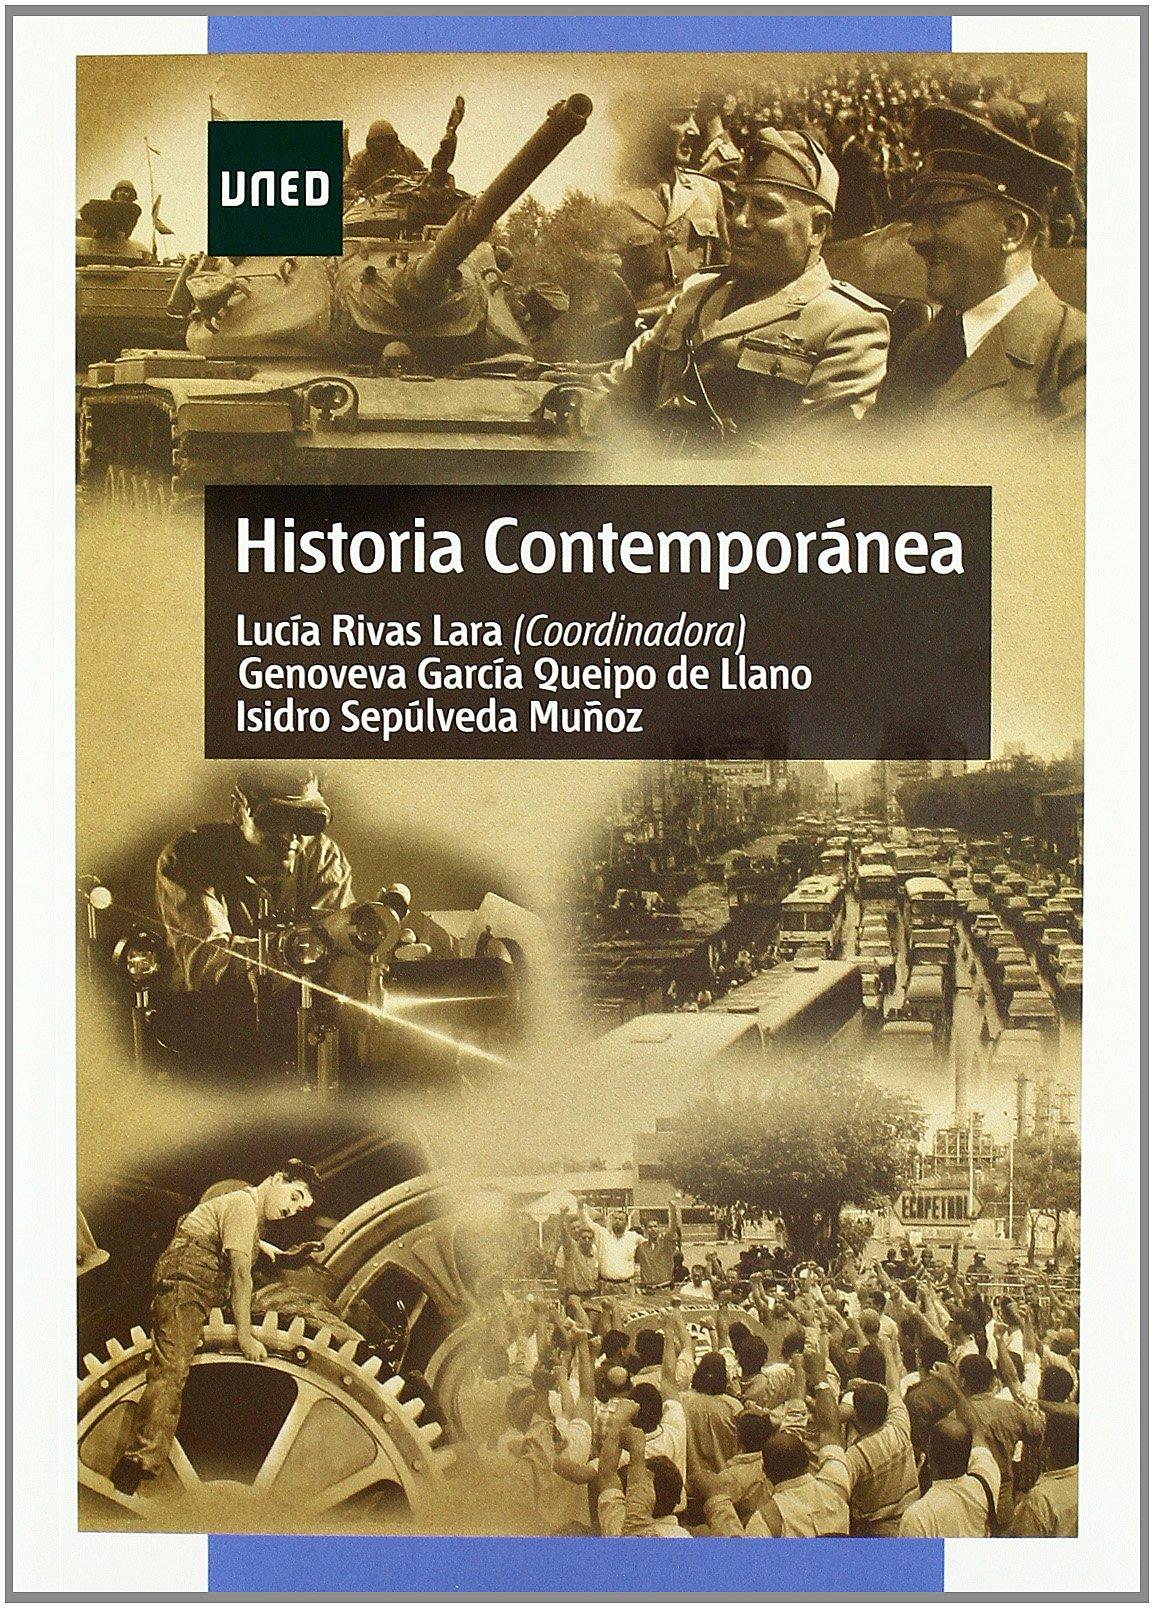 Historia Contemporánea (GRADO): Amazon.es: Rivas Lara, Lucía, García Queipo de Llano, Genoveva, Sepúlveda Muñoz, Isidro: Libros